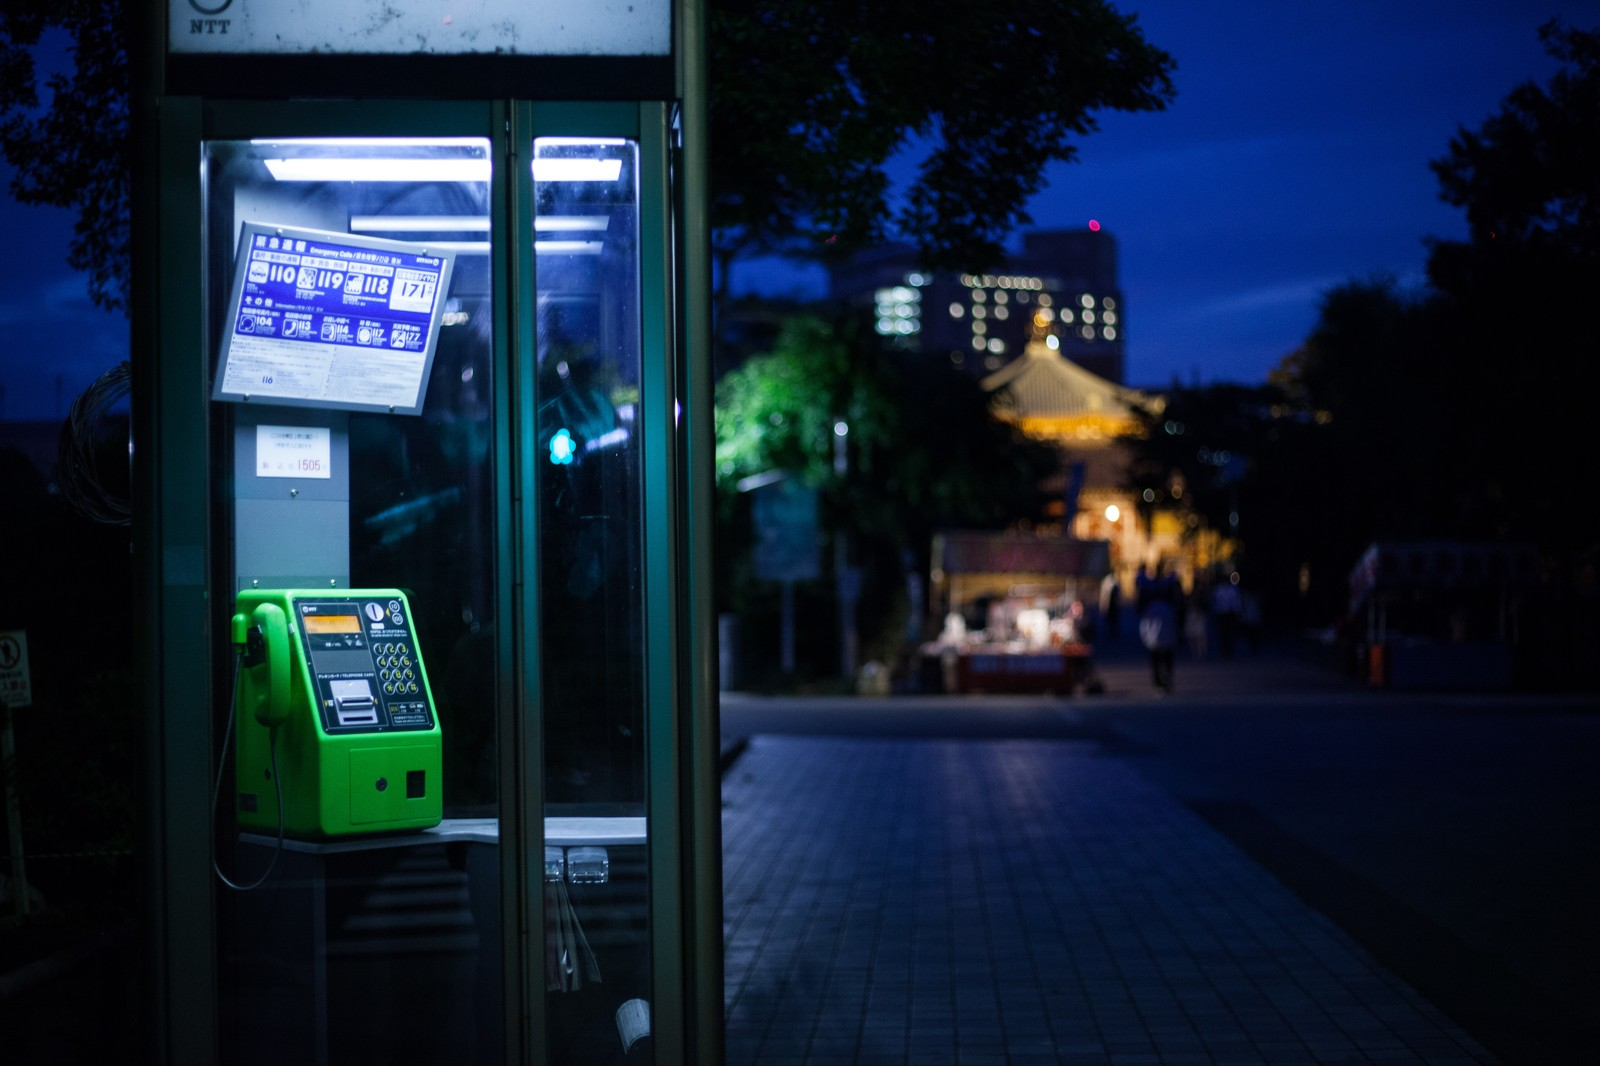 「闇夜にてらされる公衆電話」の写真